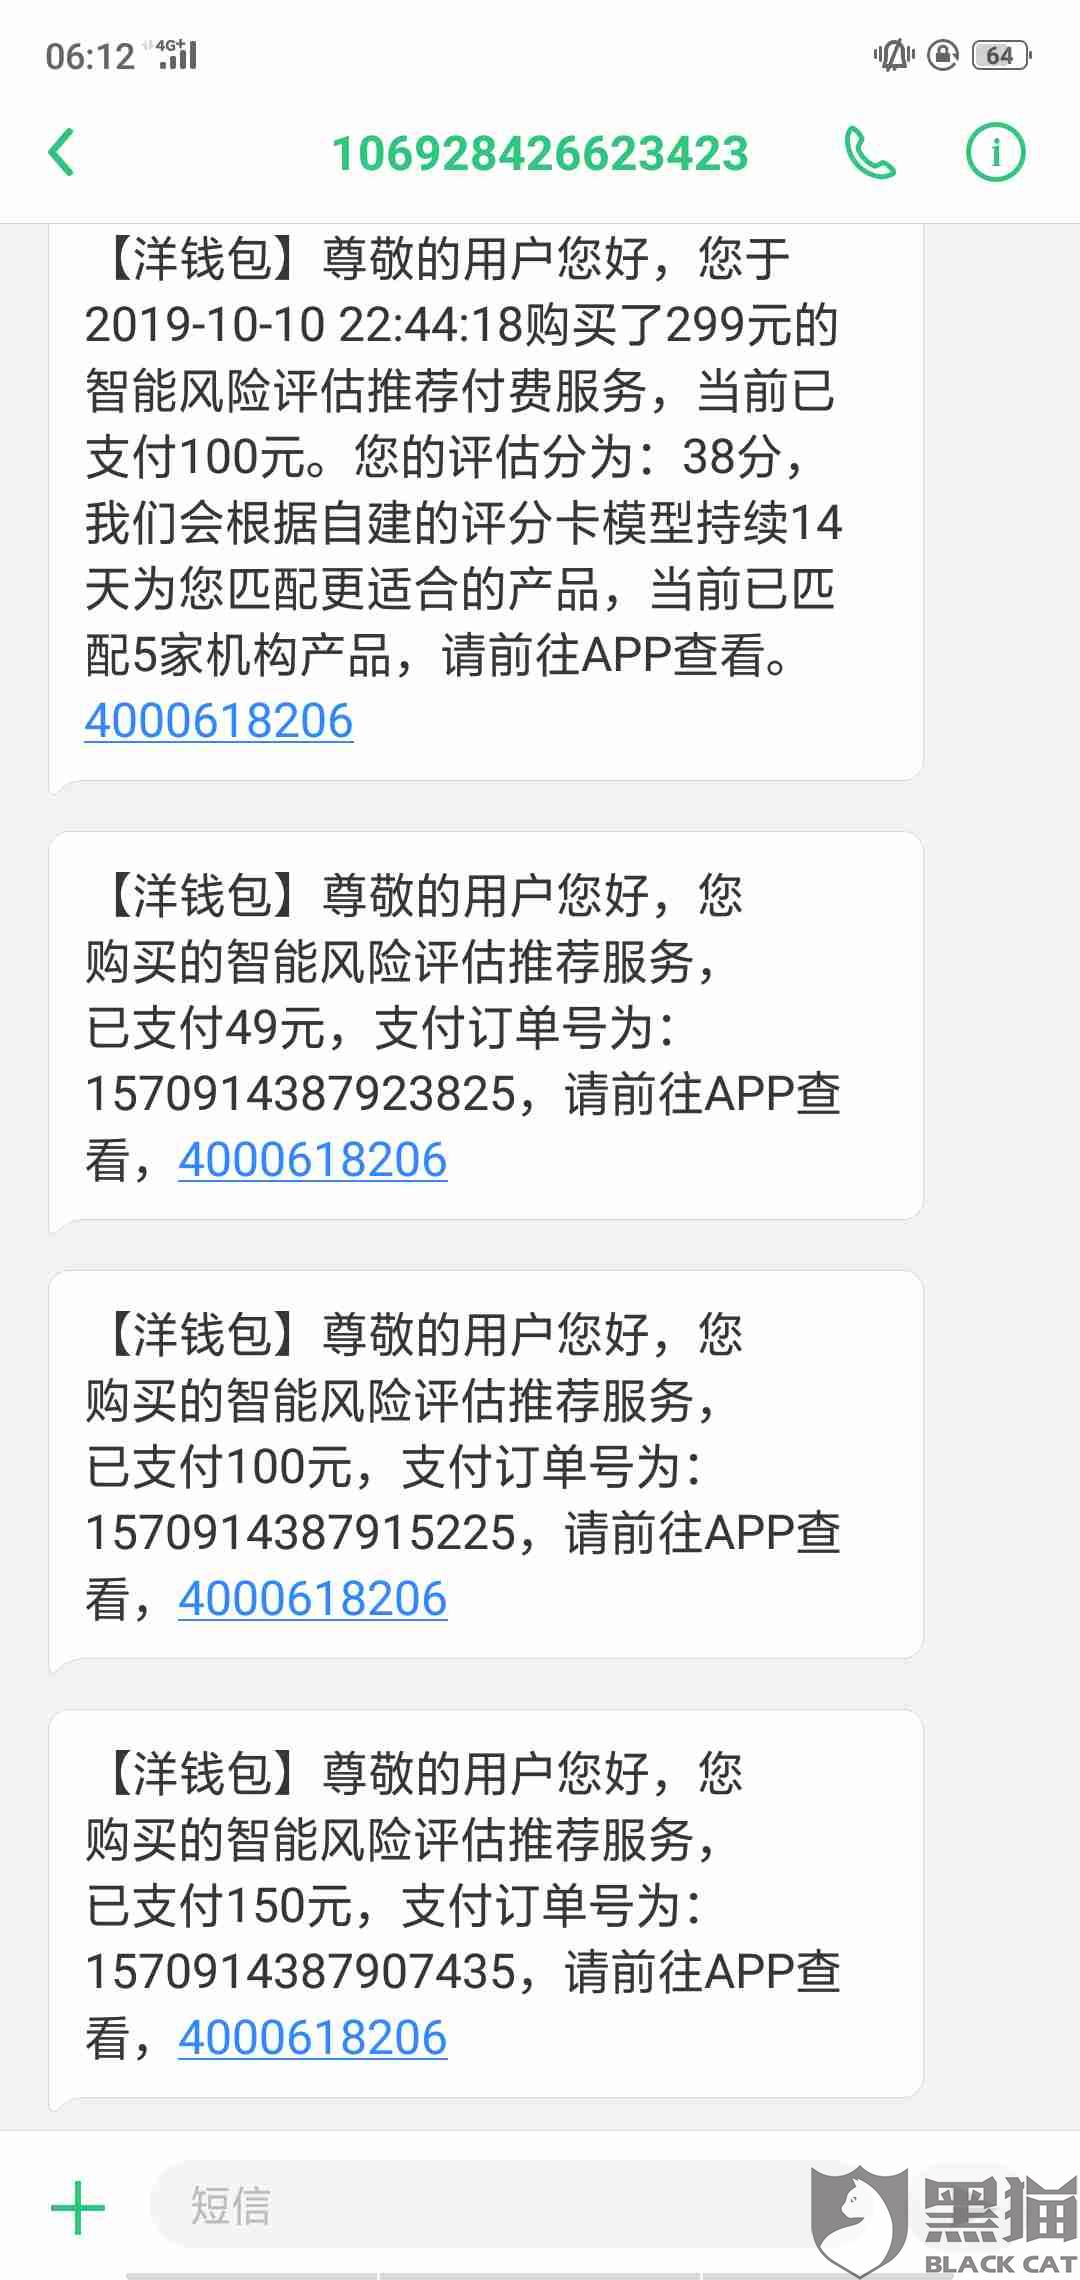 黑猫投诉:凌晨5点收到工商银行的扣费短信,才发现是一款名叫洋钱包的软件推送的扣款信息,